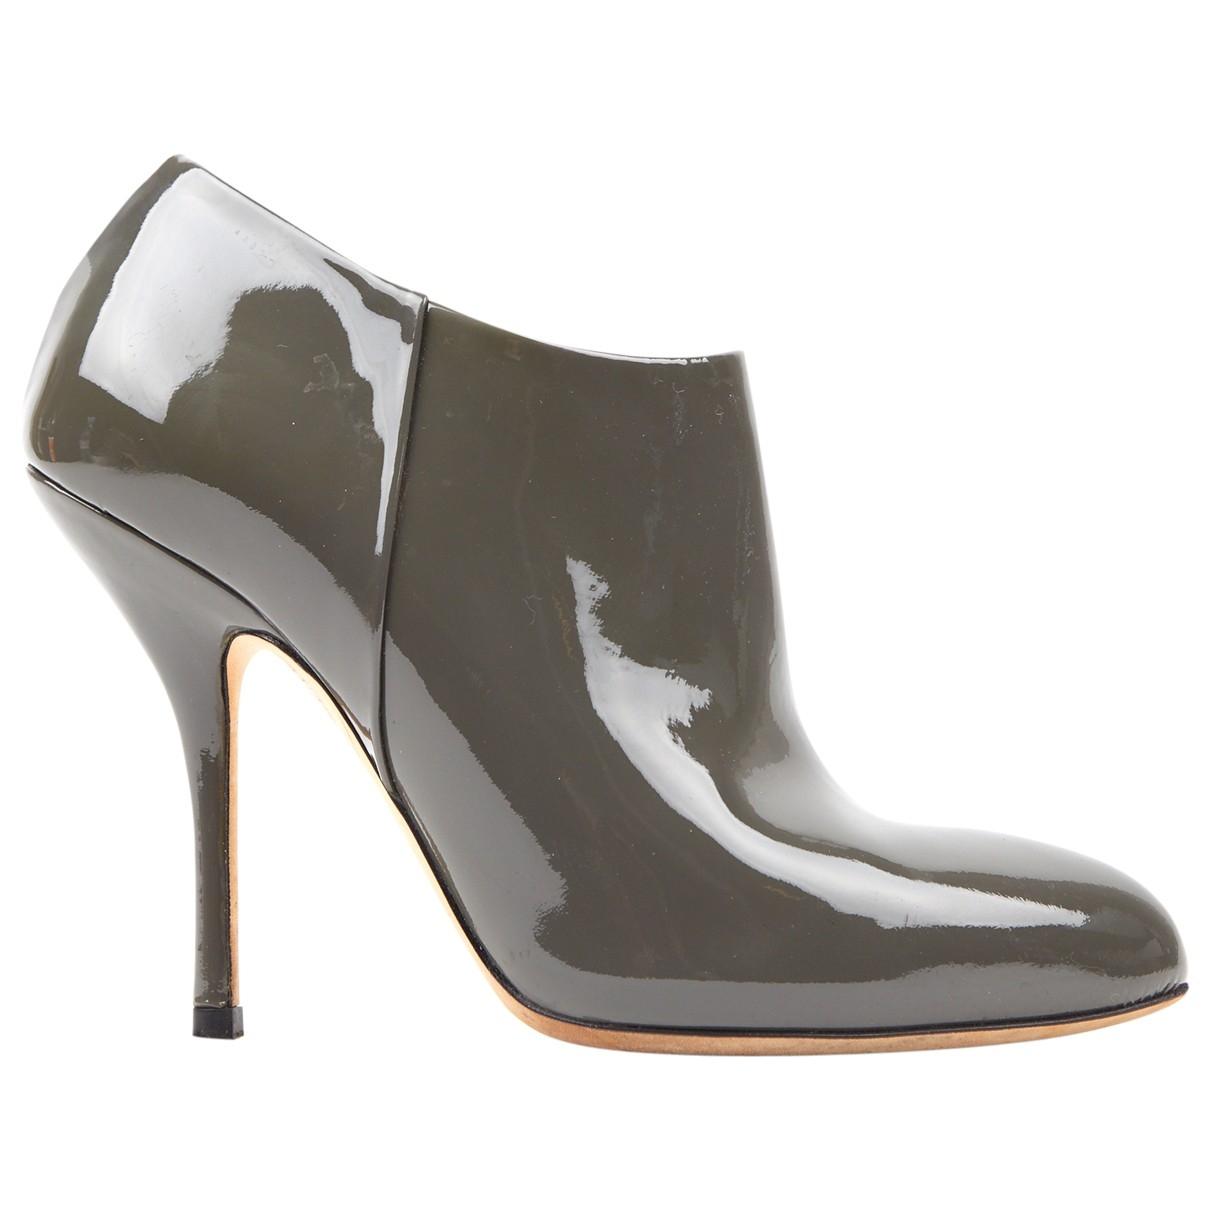 Gucci - Bottes   pour femme en cuir verni - gris